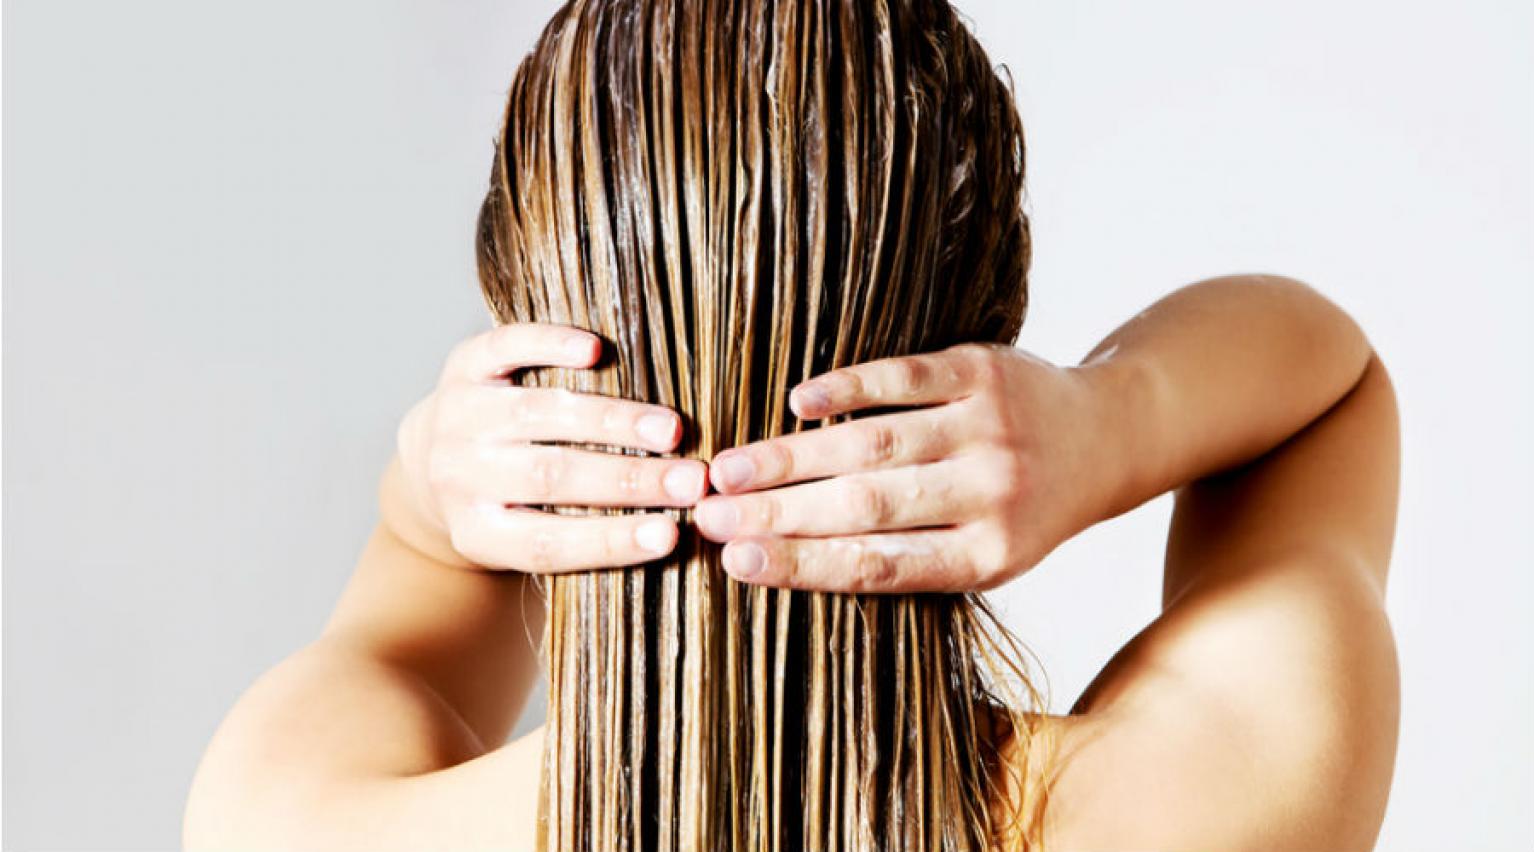 Cheveux transformés de paille en soie